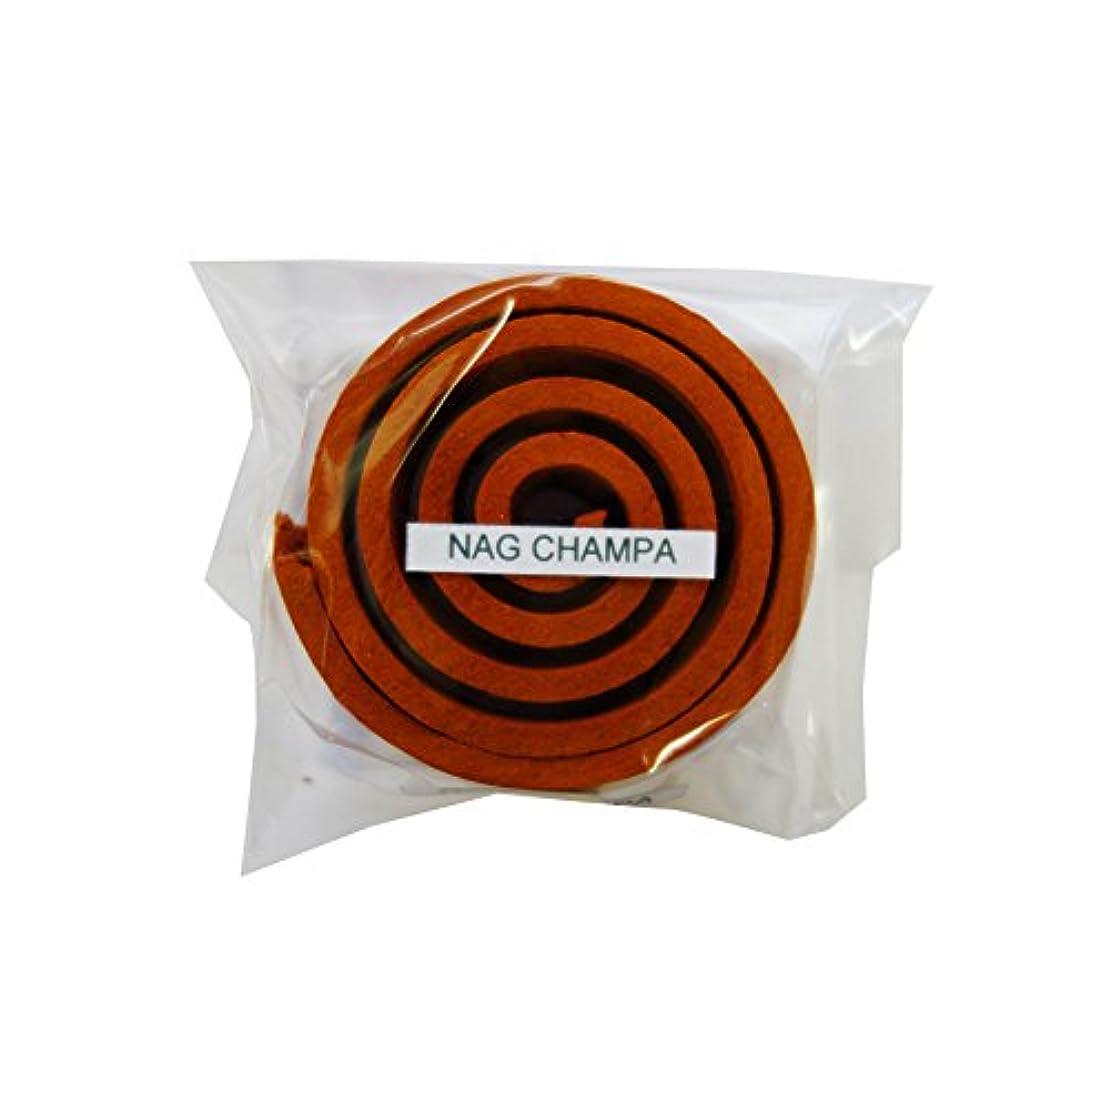 ママ株式デンプシーお香/うずまき香 Nag Champa ナグチャンパ 直径5cm×5巻セット [並行輸入品]